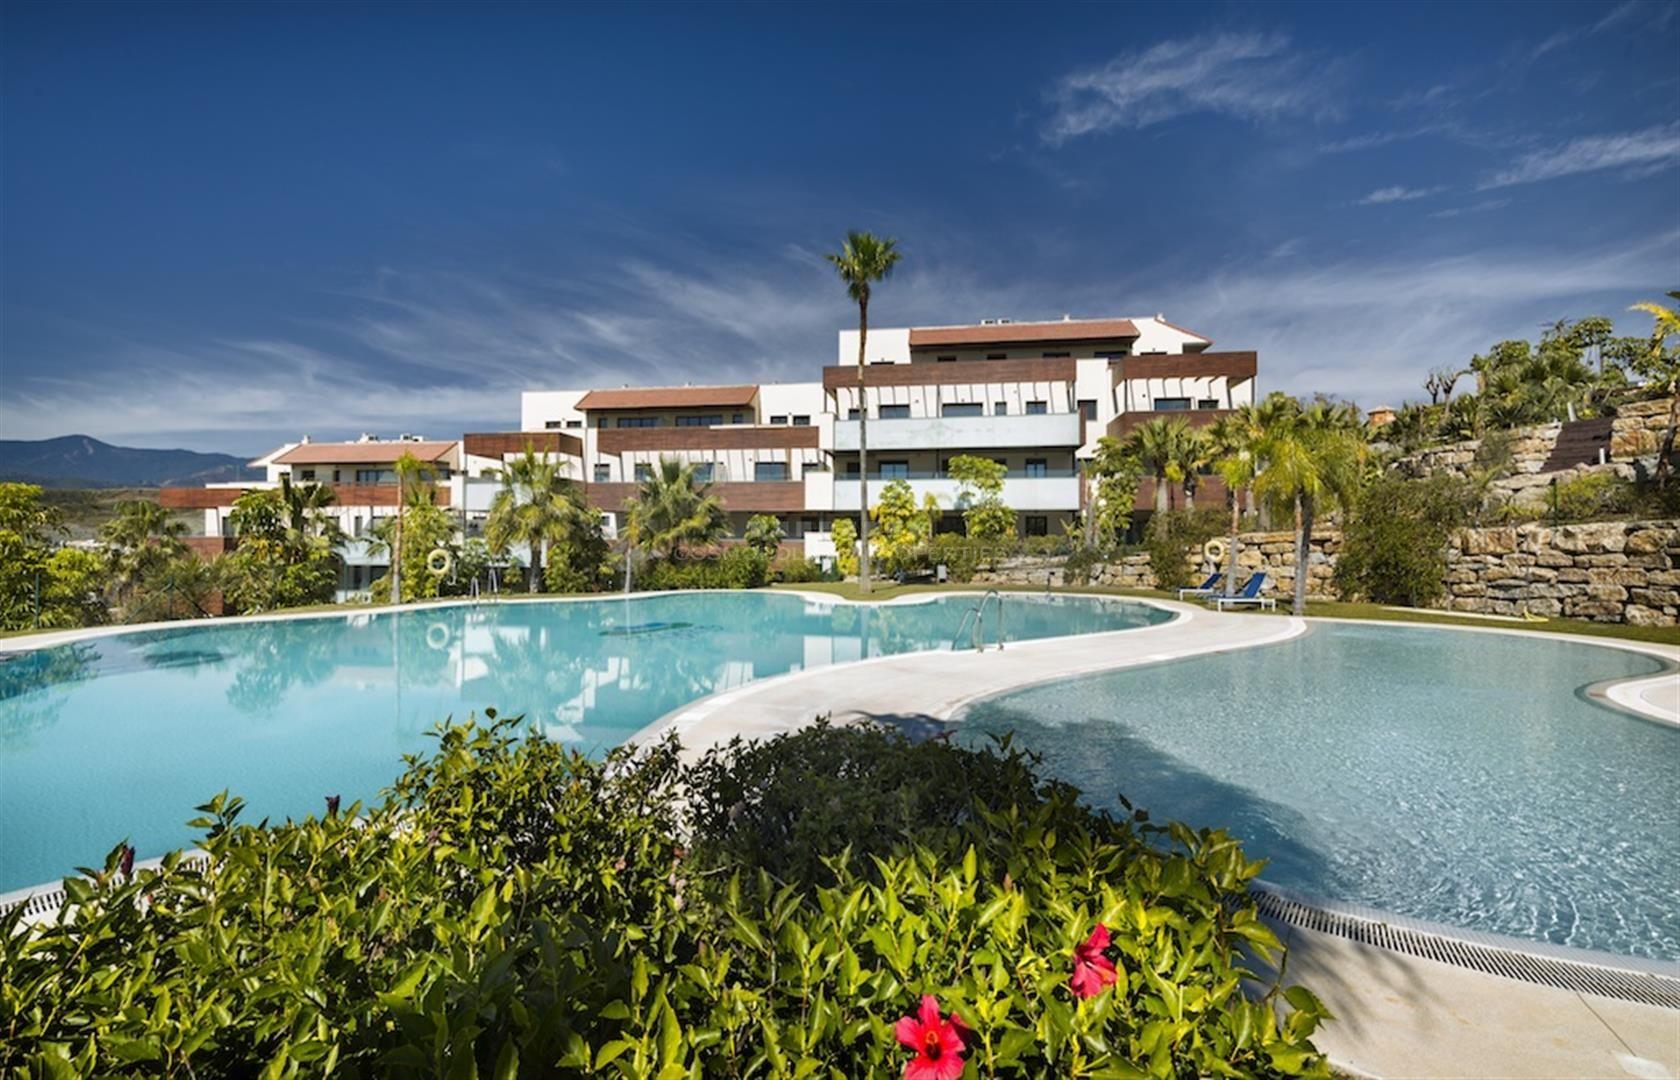 HOYO 19, apartamentos con vistas espectaculares en la urbanización Los Flamingos.